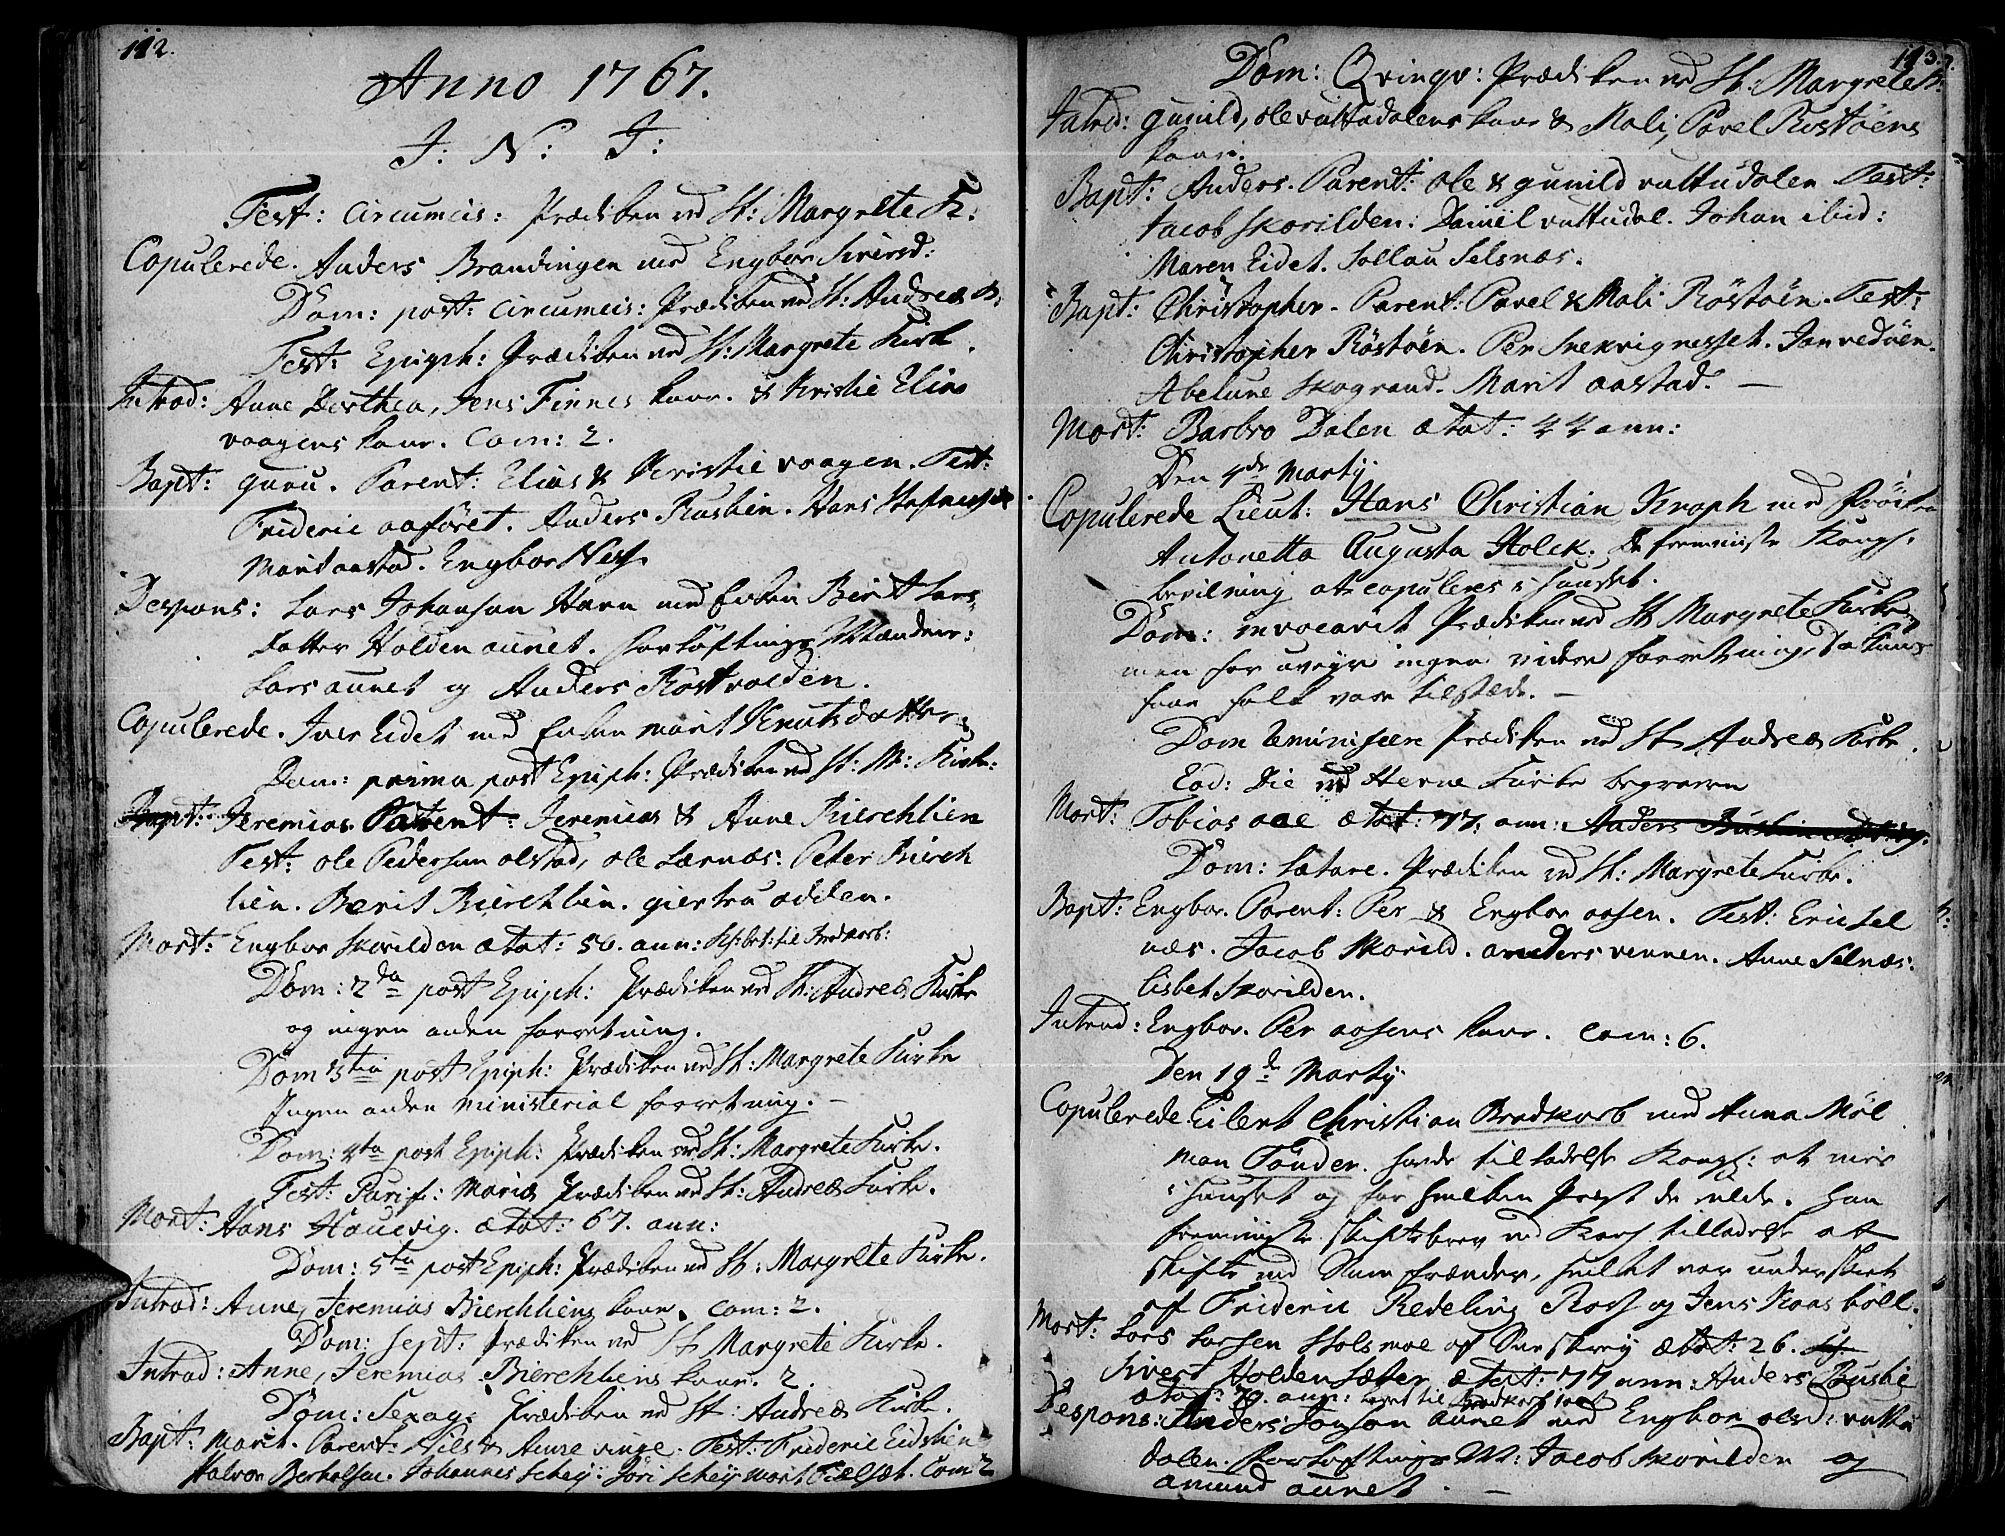 SAT, Ministerialprotokoller, klokkerbøker og fødselsregistre - Sør-Trøndelag, 630/L0489: Ministerialbok nr. 630A02, 1757-1794, s. 112-113